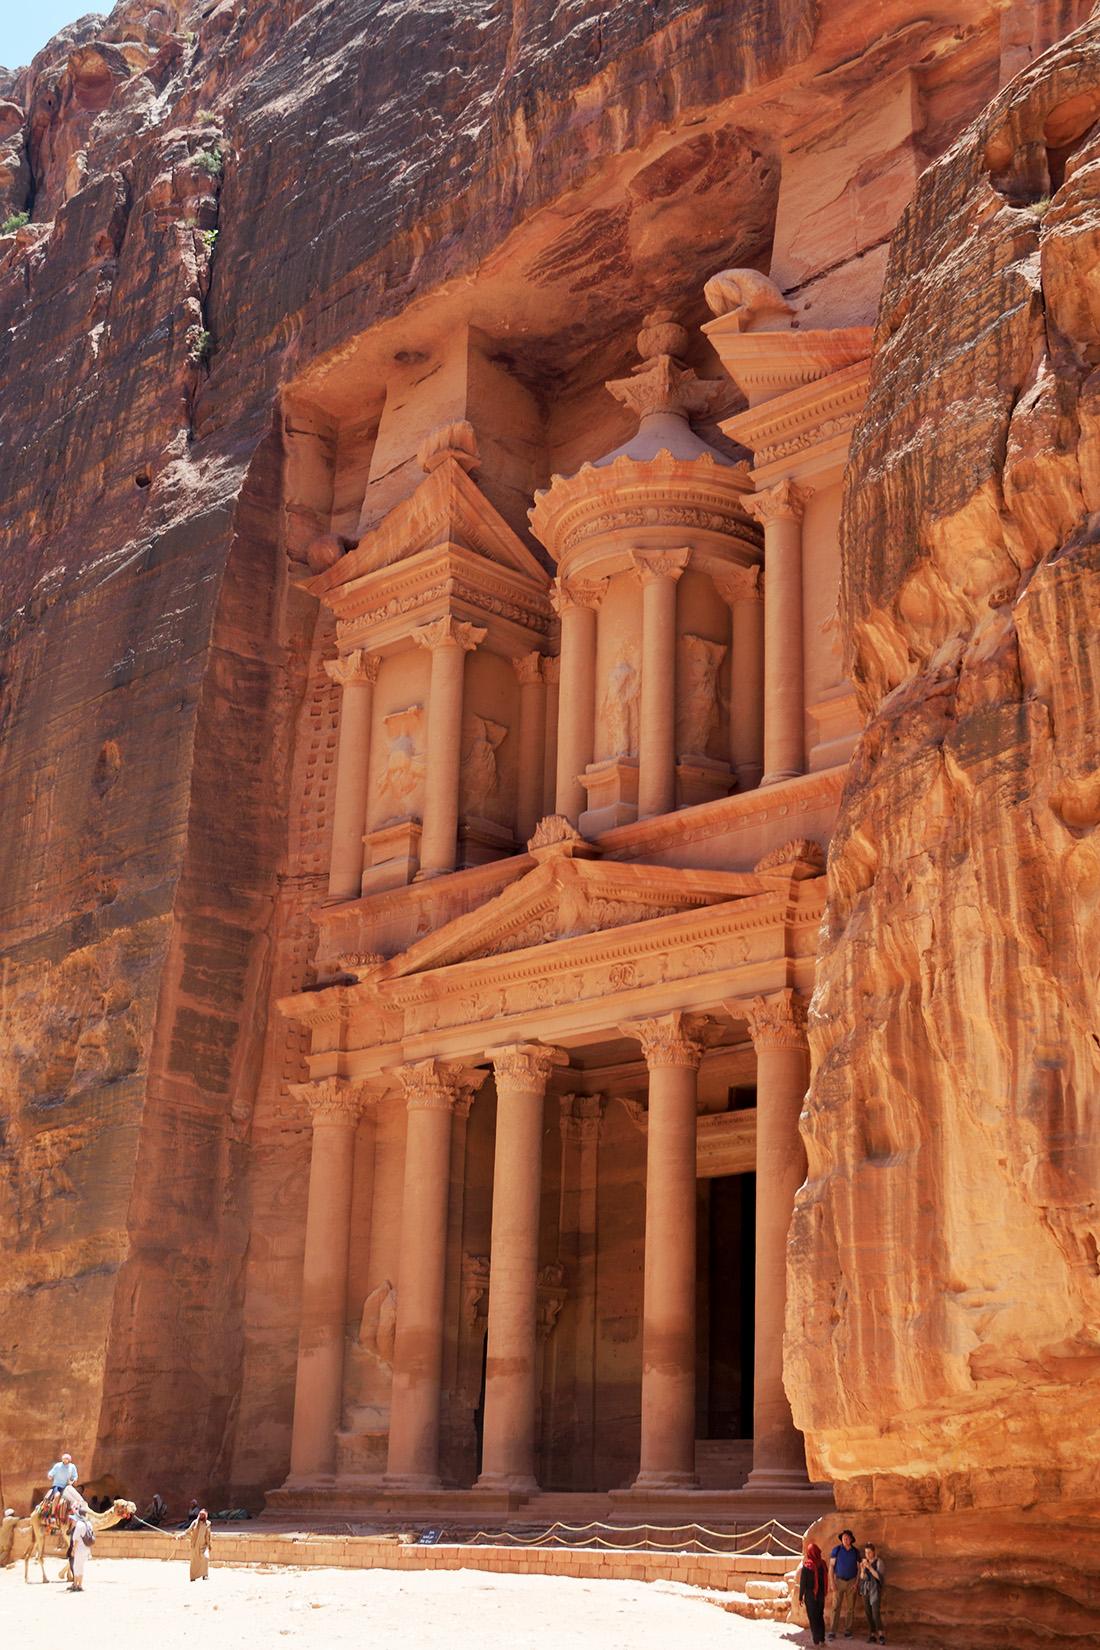 Tras 30 minutos caminando se llega a la primera maravilla y seguramente el monumento más bonito de Petra: el Tesoro.